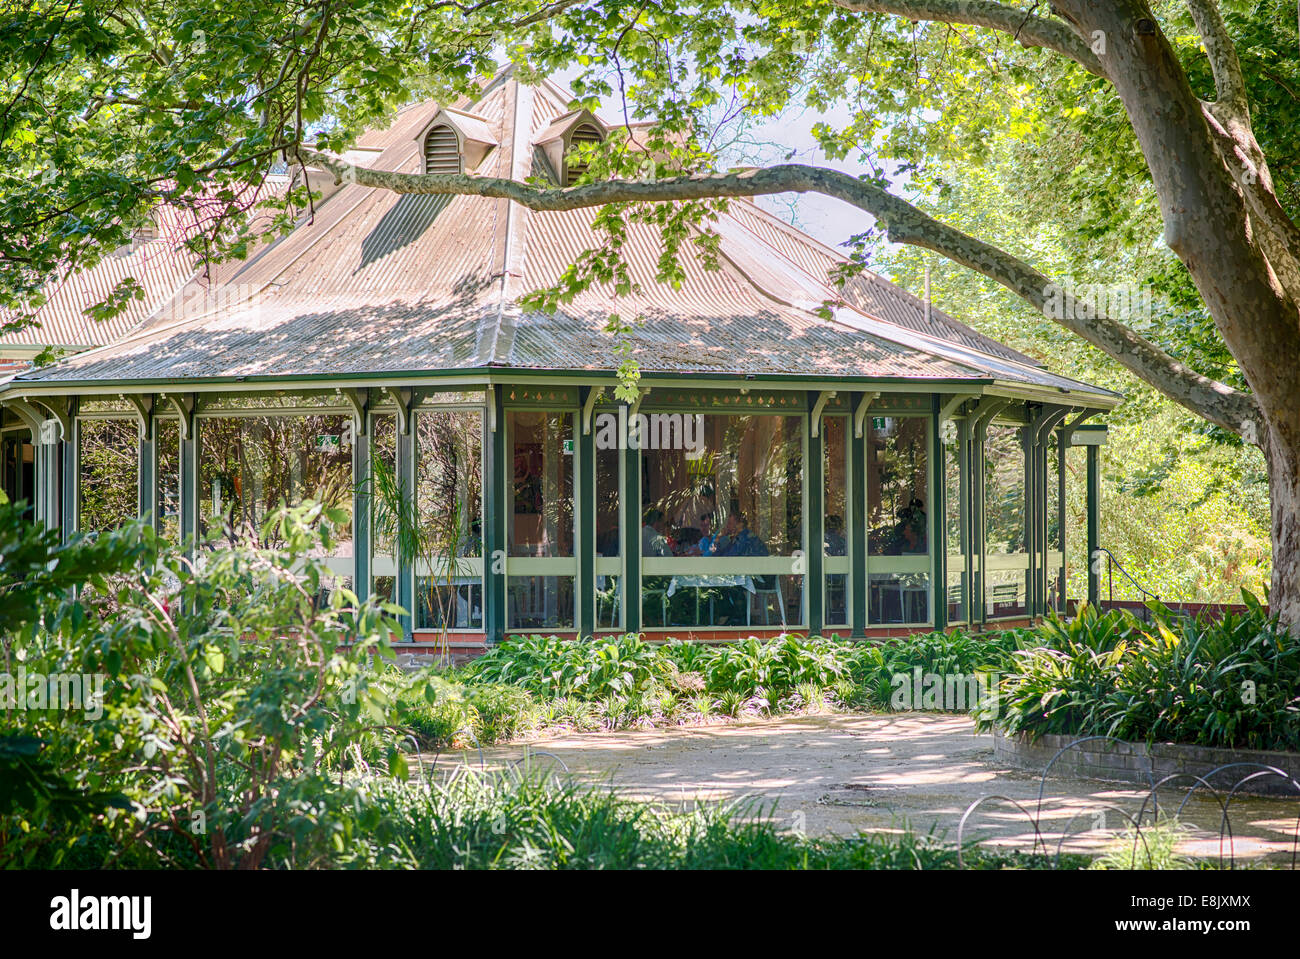 Exceptional The Adelaide Botanic Gardens Restaurant And Café, South Australia